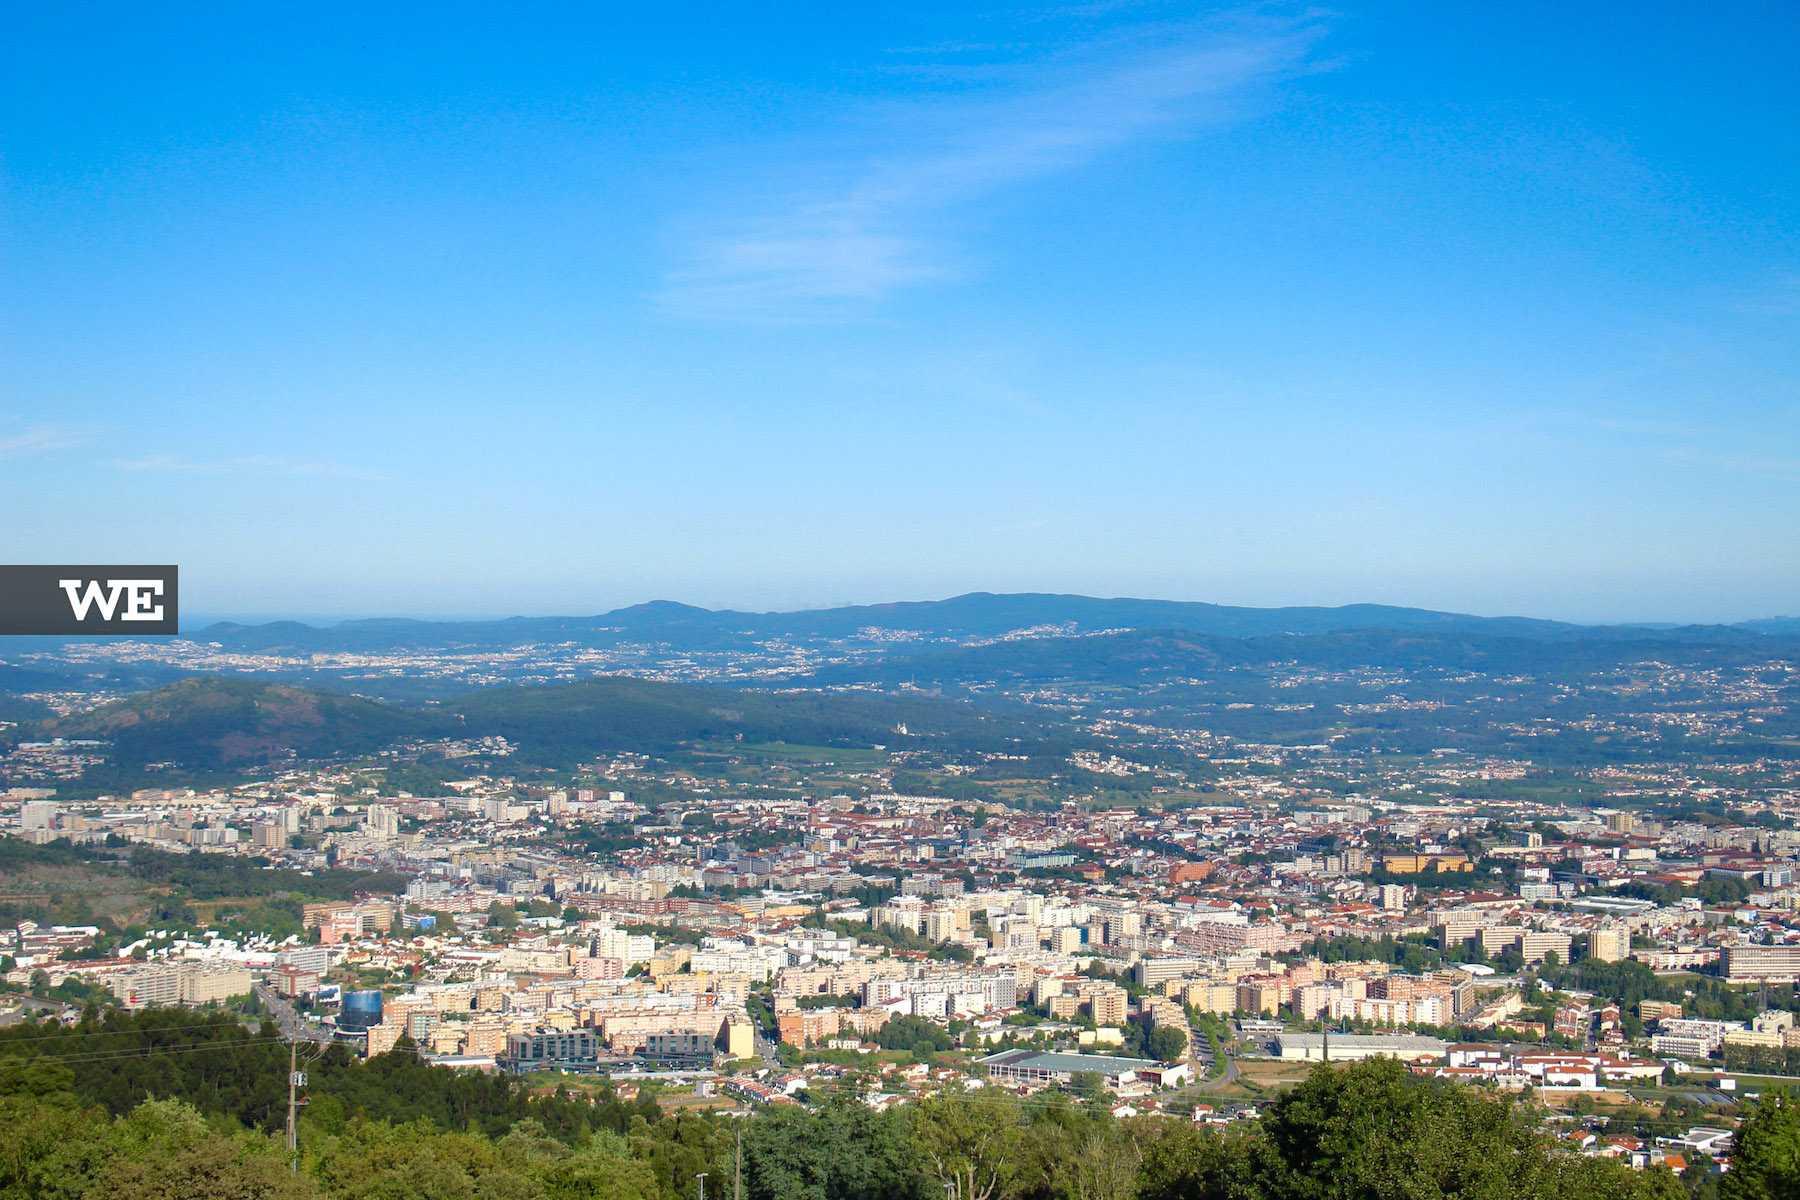 Vista sobre a cidade a partir do santuário do sameiro